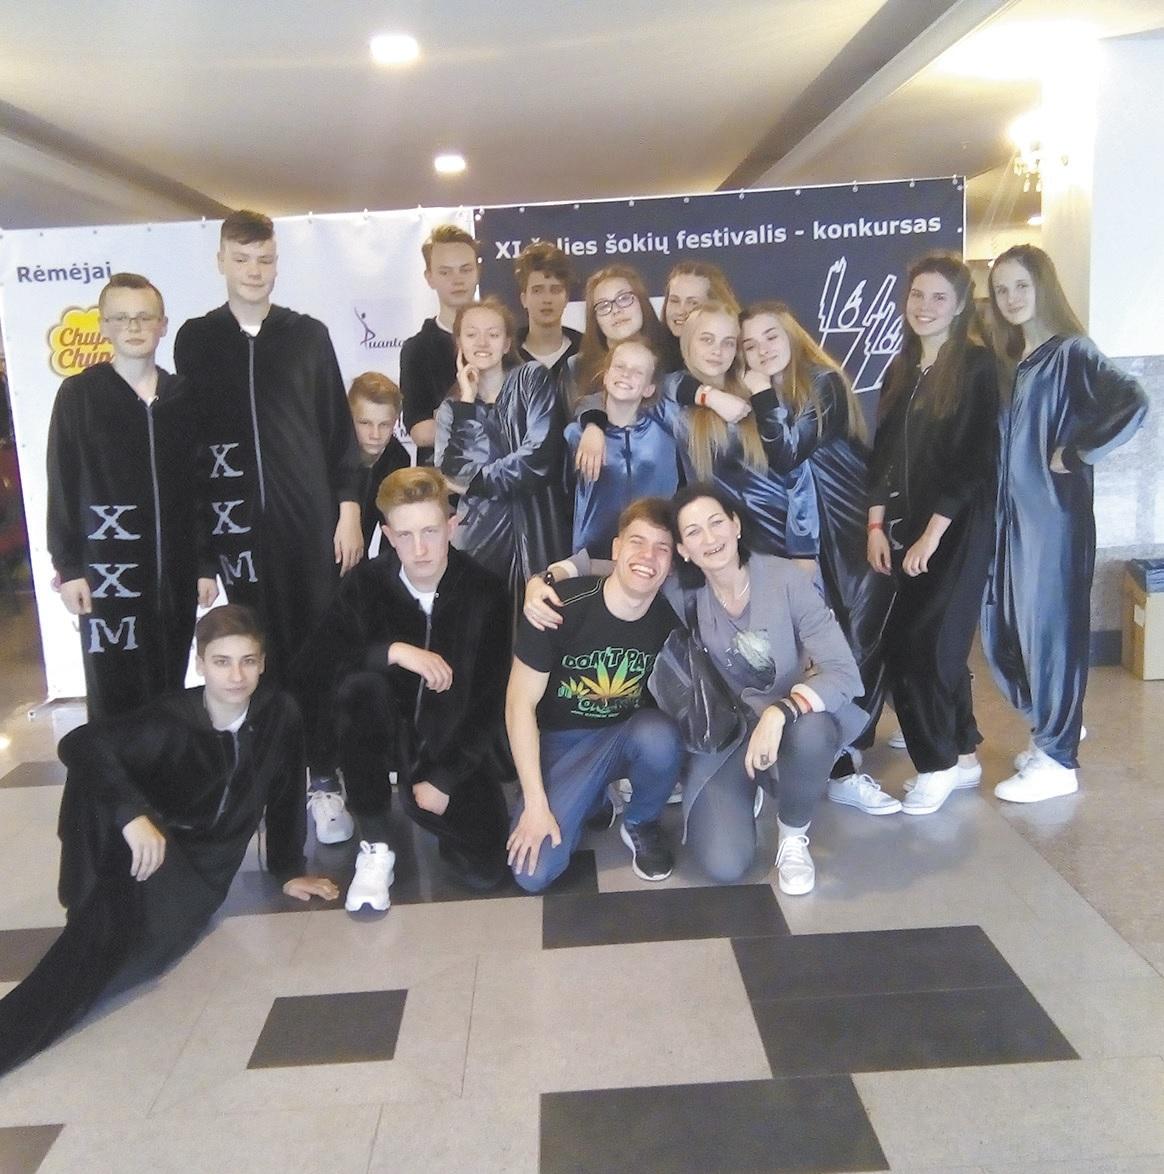 """Šviesiosios gimnazijos šiuolaikinių šokių grupė """"XXM"""" įvardijama kaip itin stilinga ir inteligentiška."""